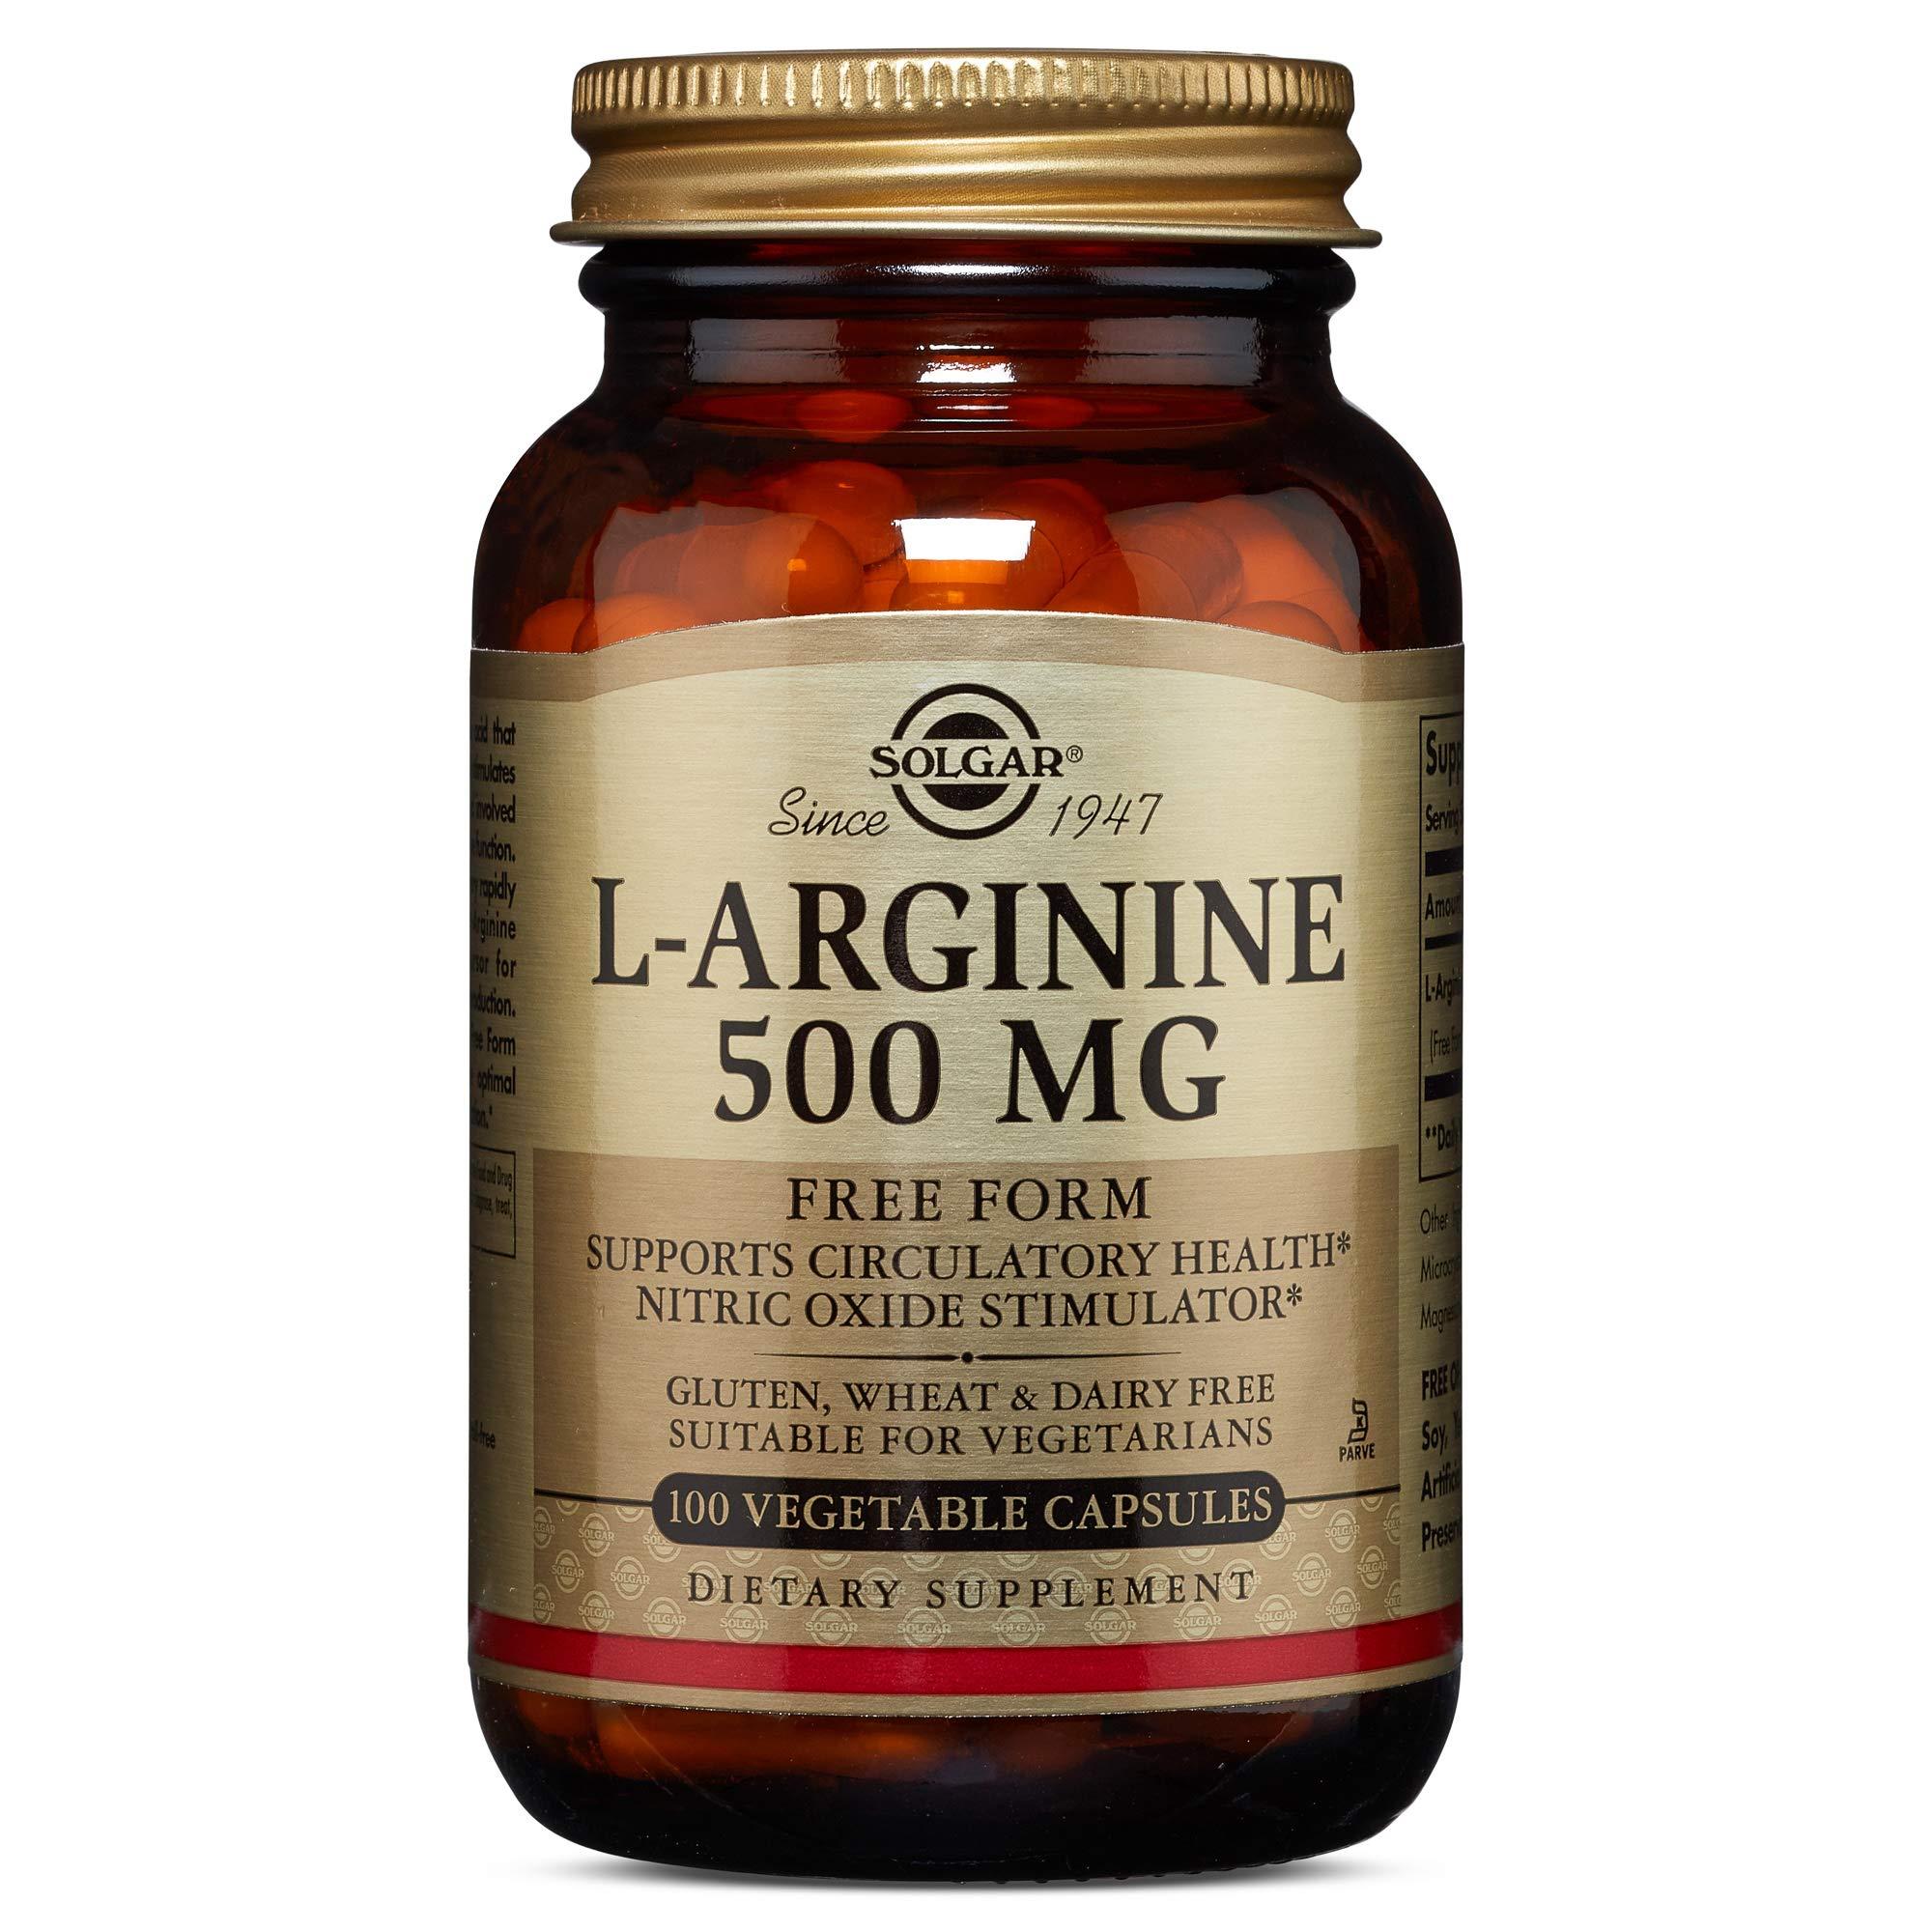 Solgar - L-Arginine 500 mg, 100 Vegetable Capsules by Solgar